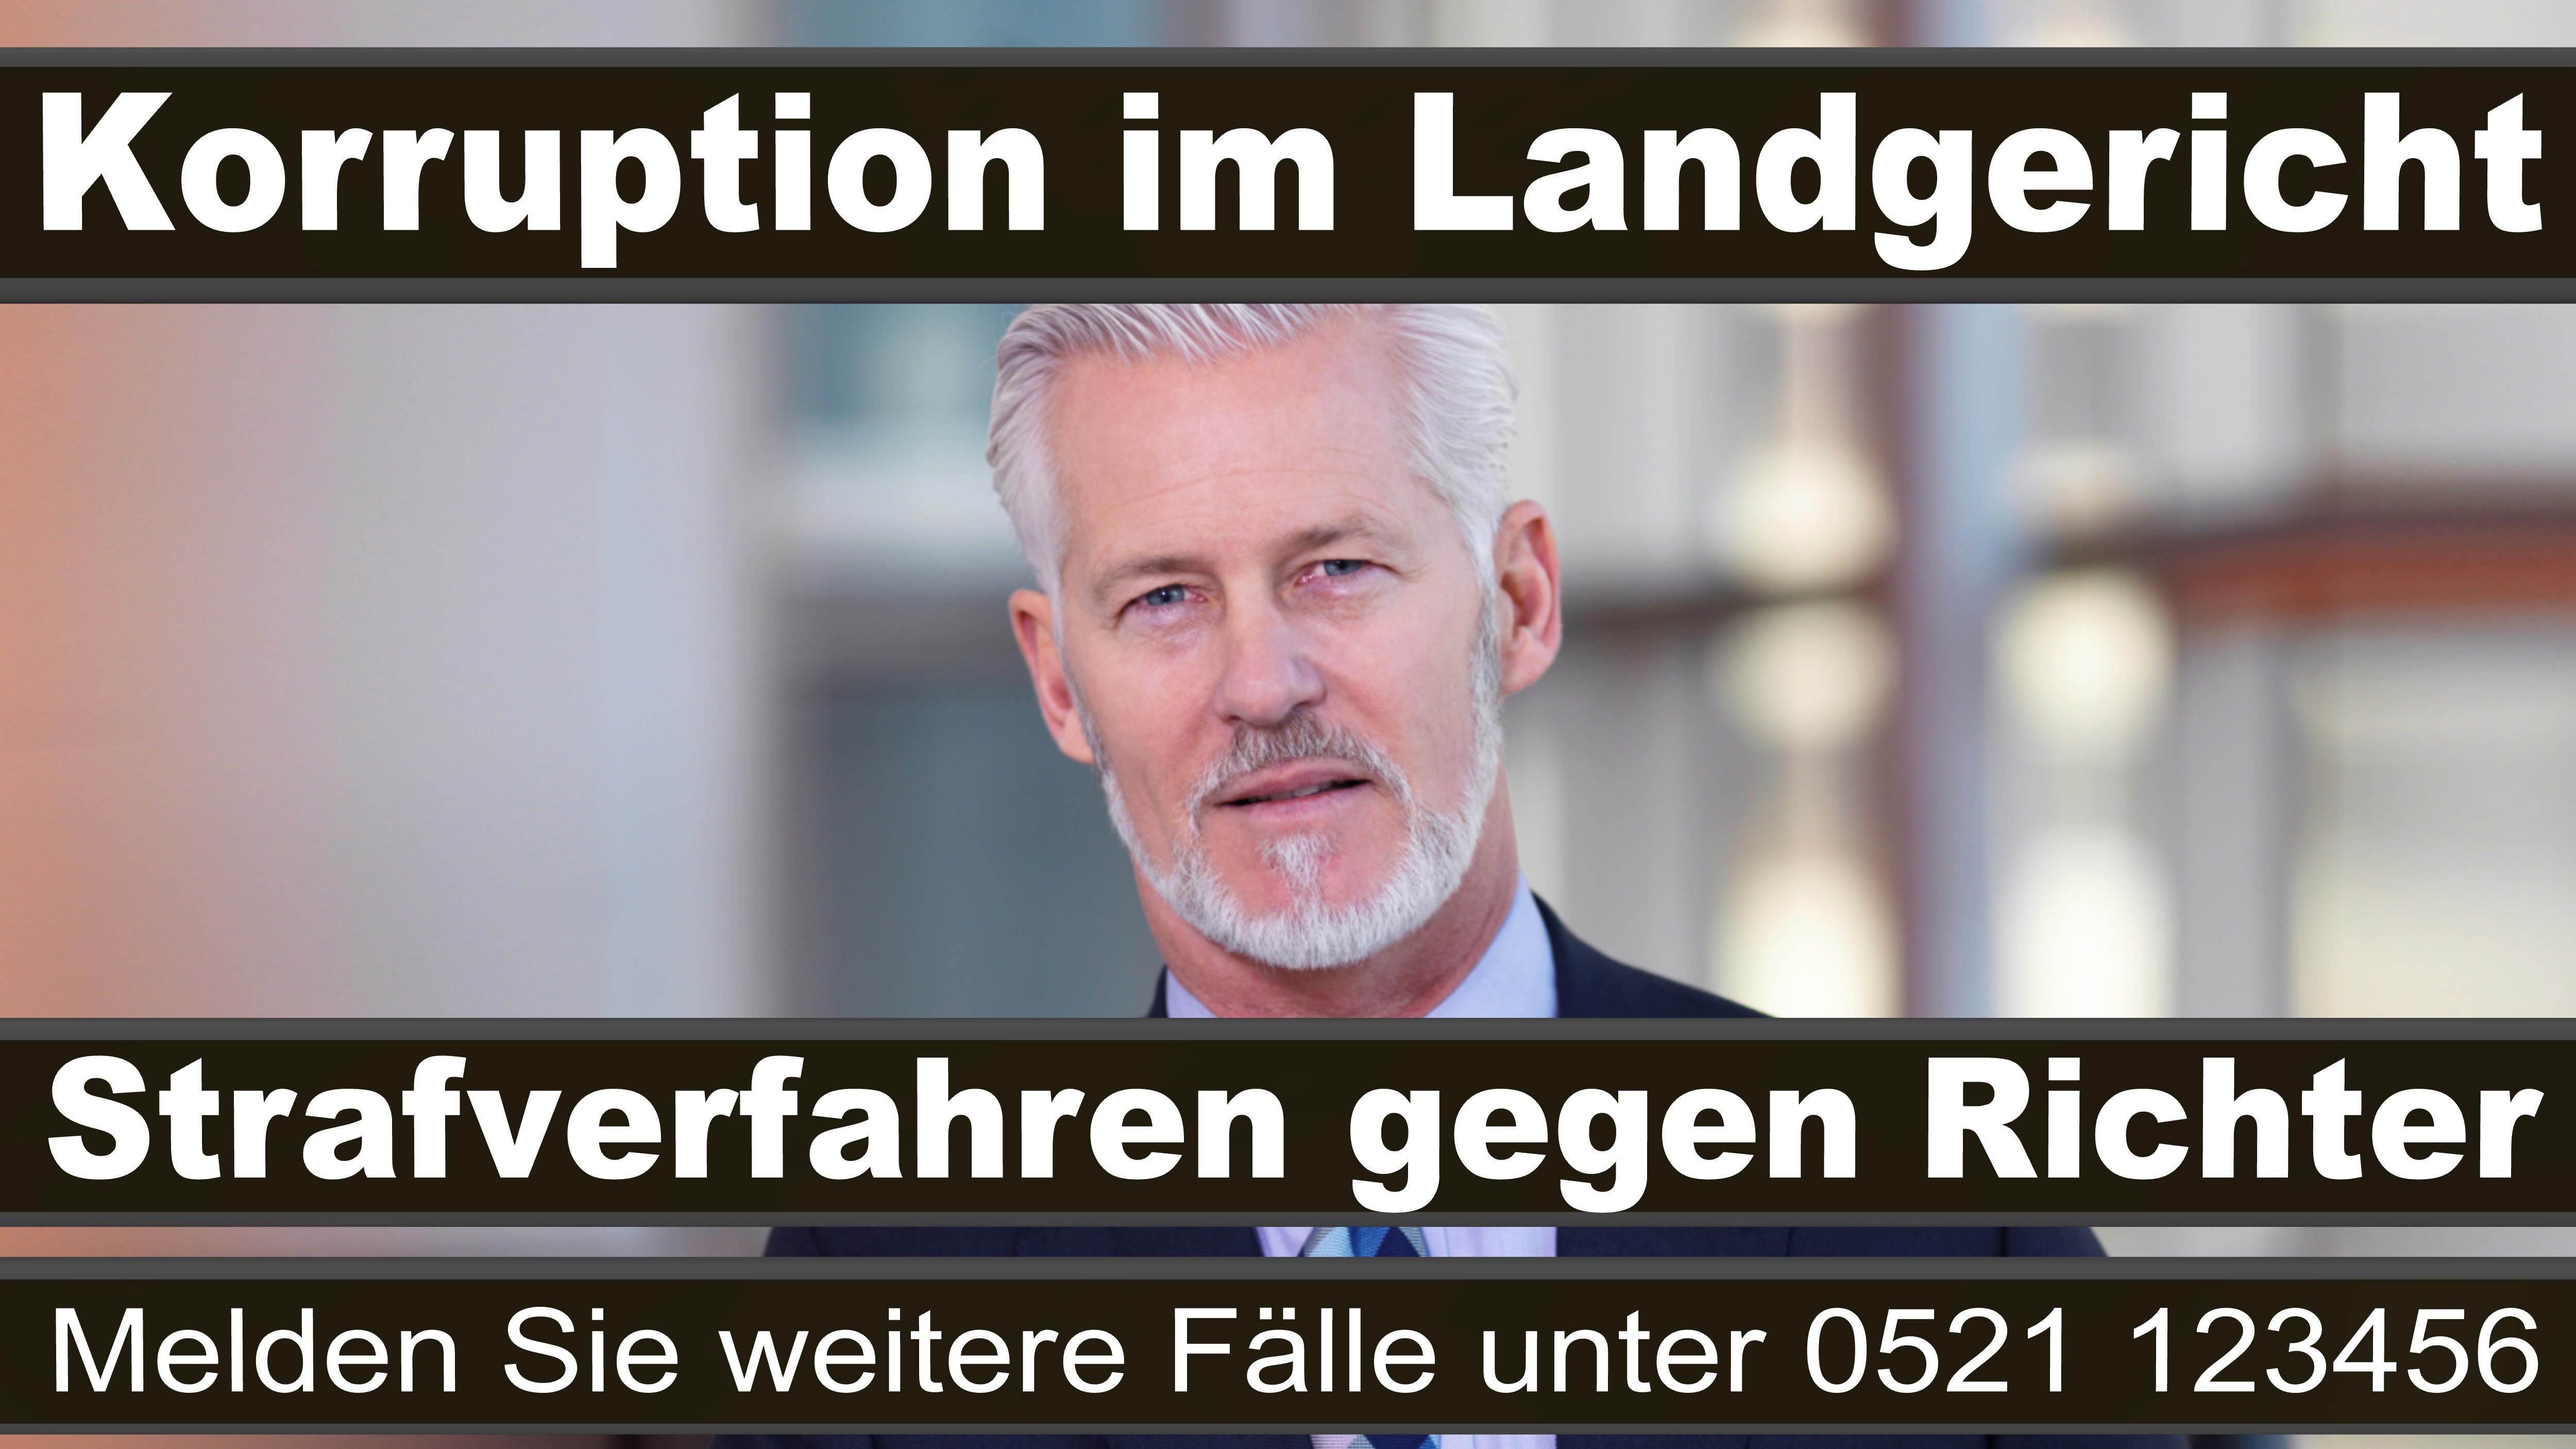 Korruption, Rechtsbeugung, Parteiverrat, Rechtsanwalt, Justiz, Präsident, Direktor, Leitender Oberstaatsanwalt, Landesarbeitsgericht Rheinland Pfalz